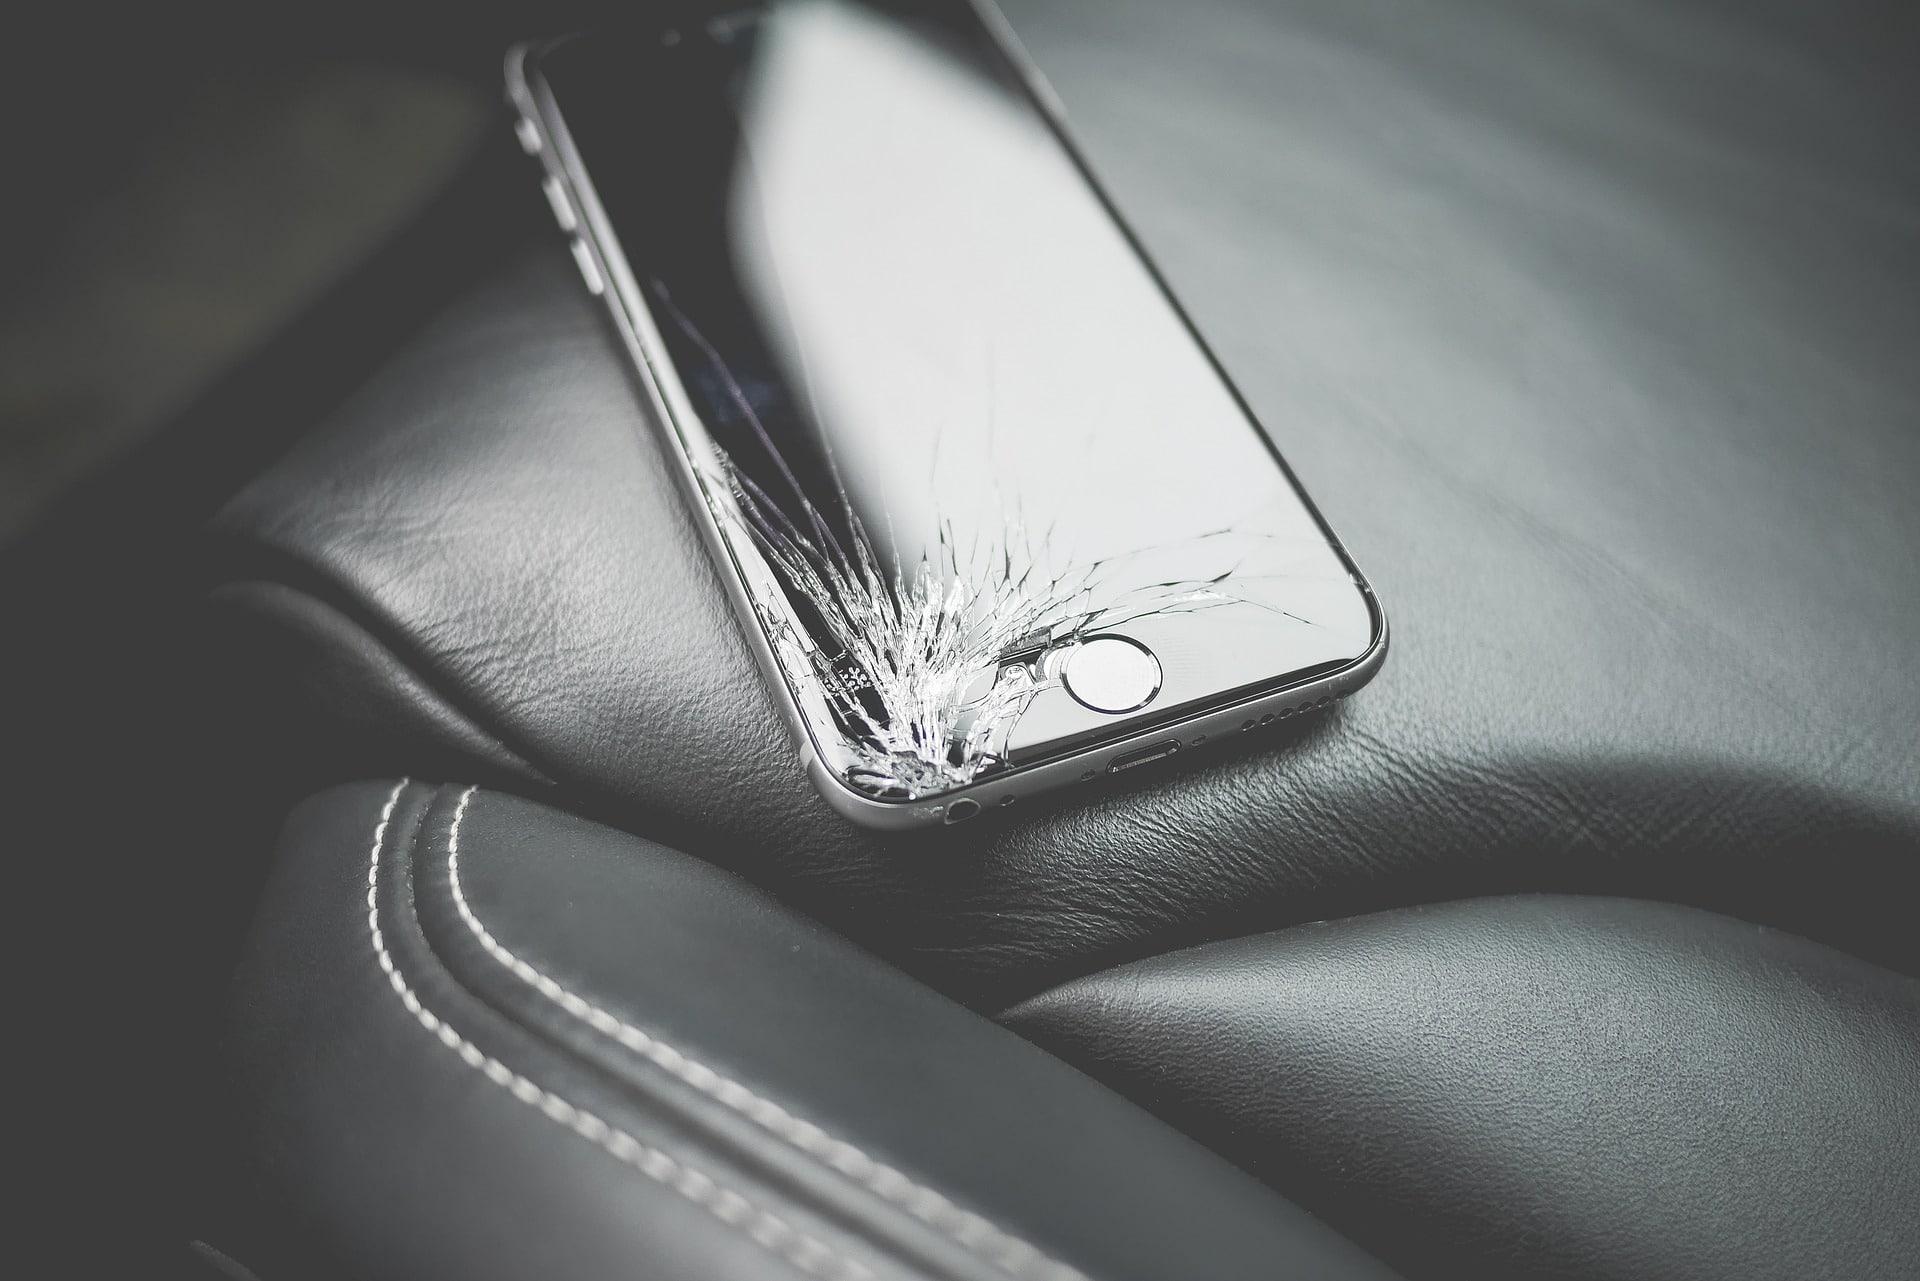 Ist Panzerglas als Smartphone Displayschutz geeignet